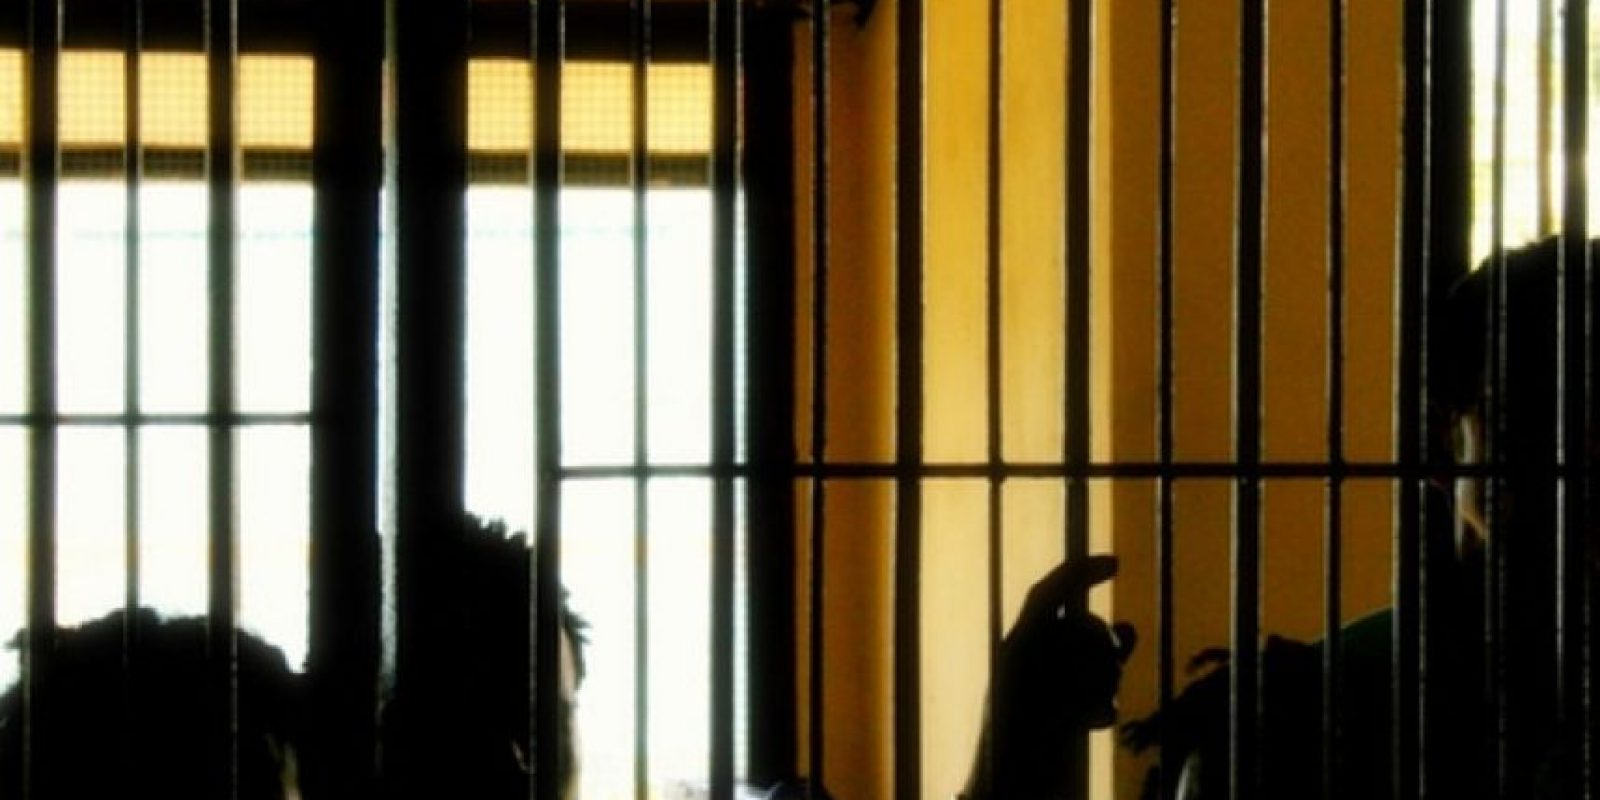 El hombre ahora tendrá que pasar 18 meses en prisión. Foto:Vía Flickr